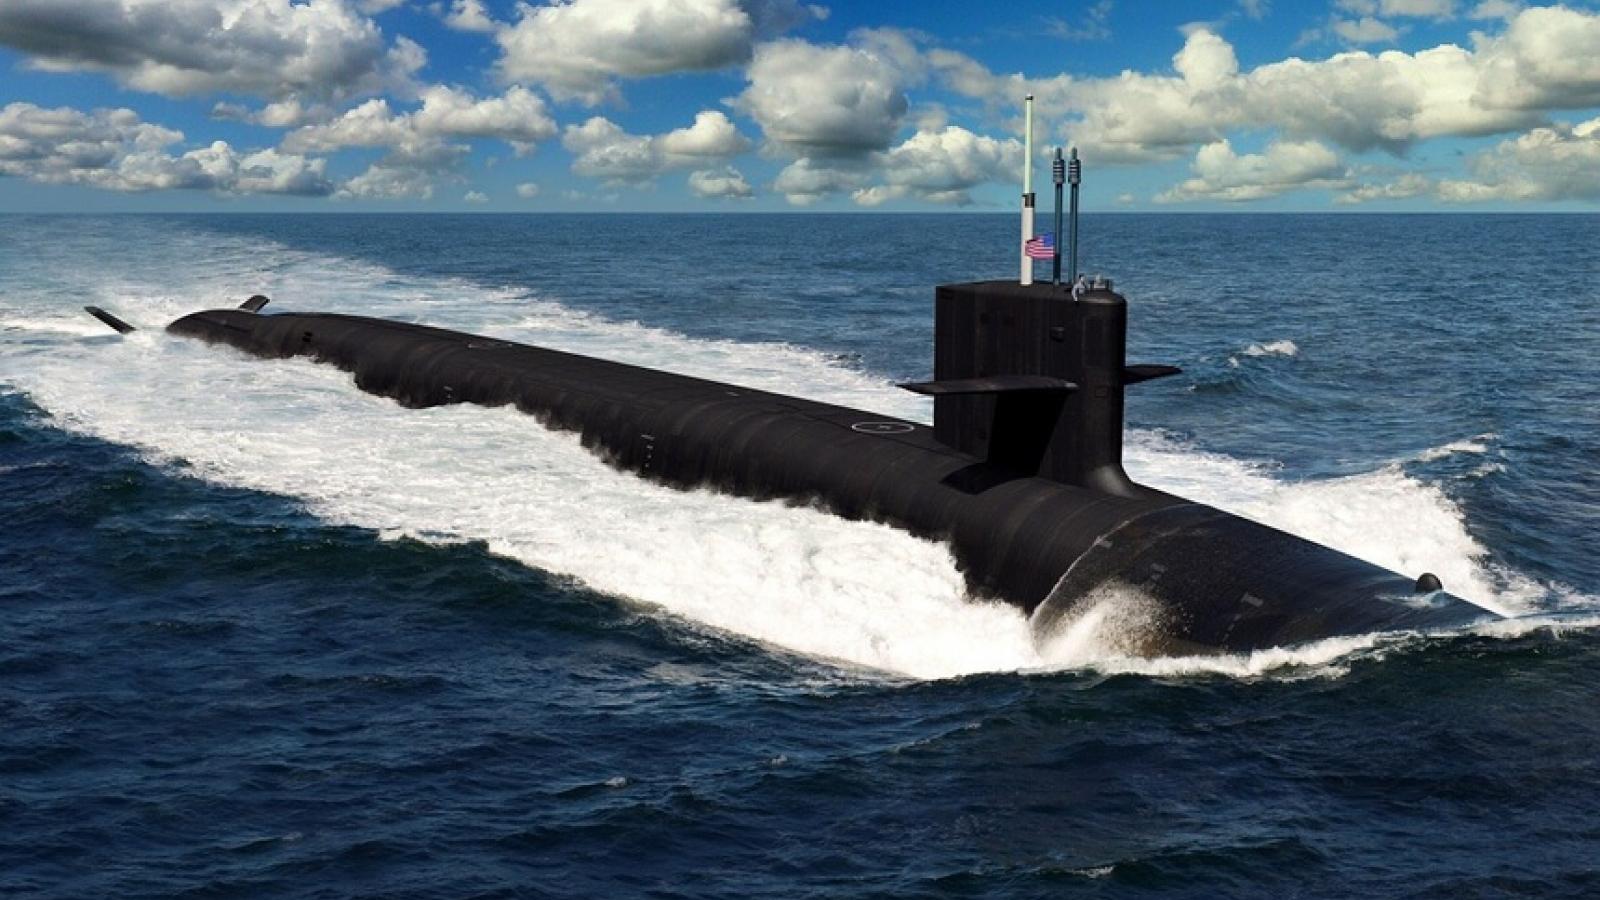 Tàu ngầm SSBN định hình cuộc cạnh tranh năng lực răn đe dưới biển giữa Mỹ và Trung Quốc